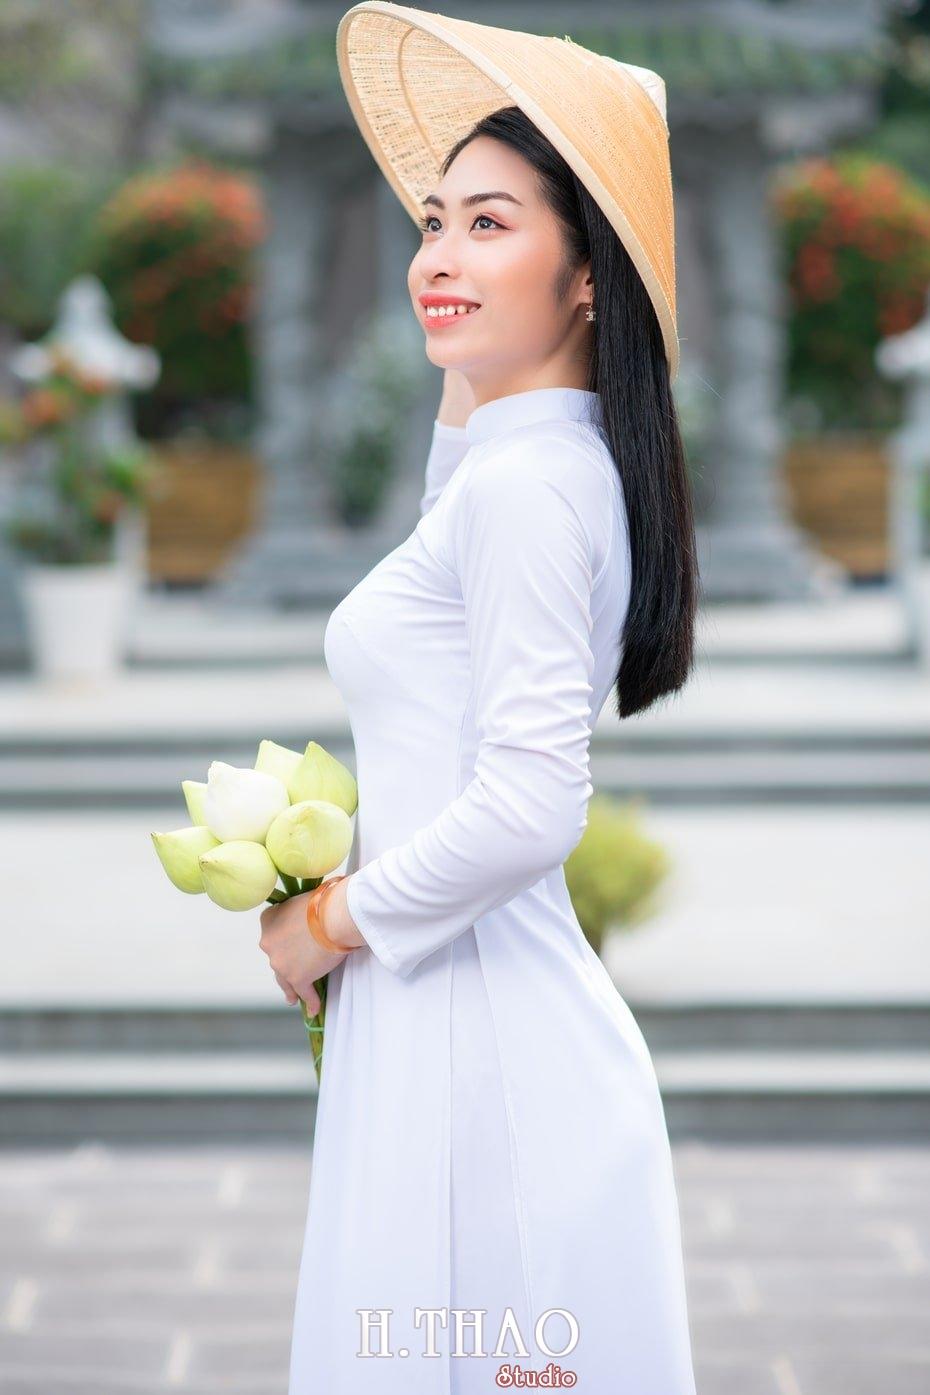 Ao dai trang 16 - Album áo dài trắng tại Thiền Viện Vạn Hạnh - HThao Studio